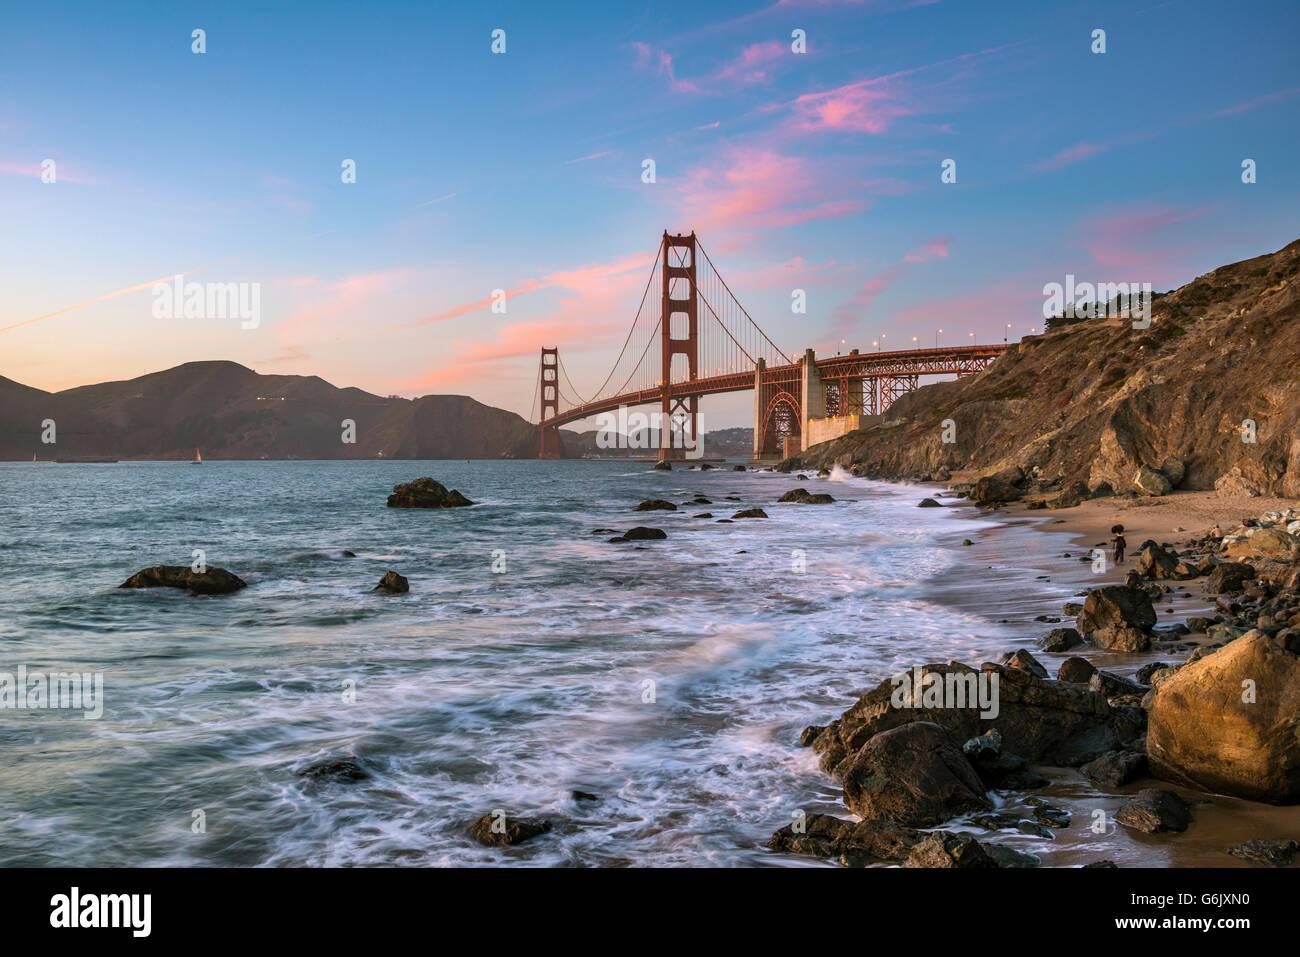 Crepuscolo presso il Golden Gate Bridge, Marshall's Beach, costa rocciosa, San Francisco, Stati Uniti d'America, Immagini Stock